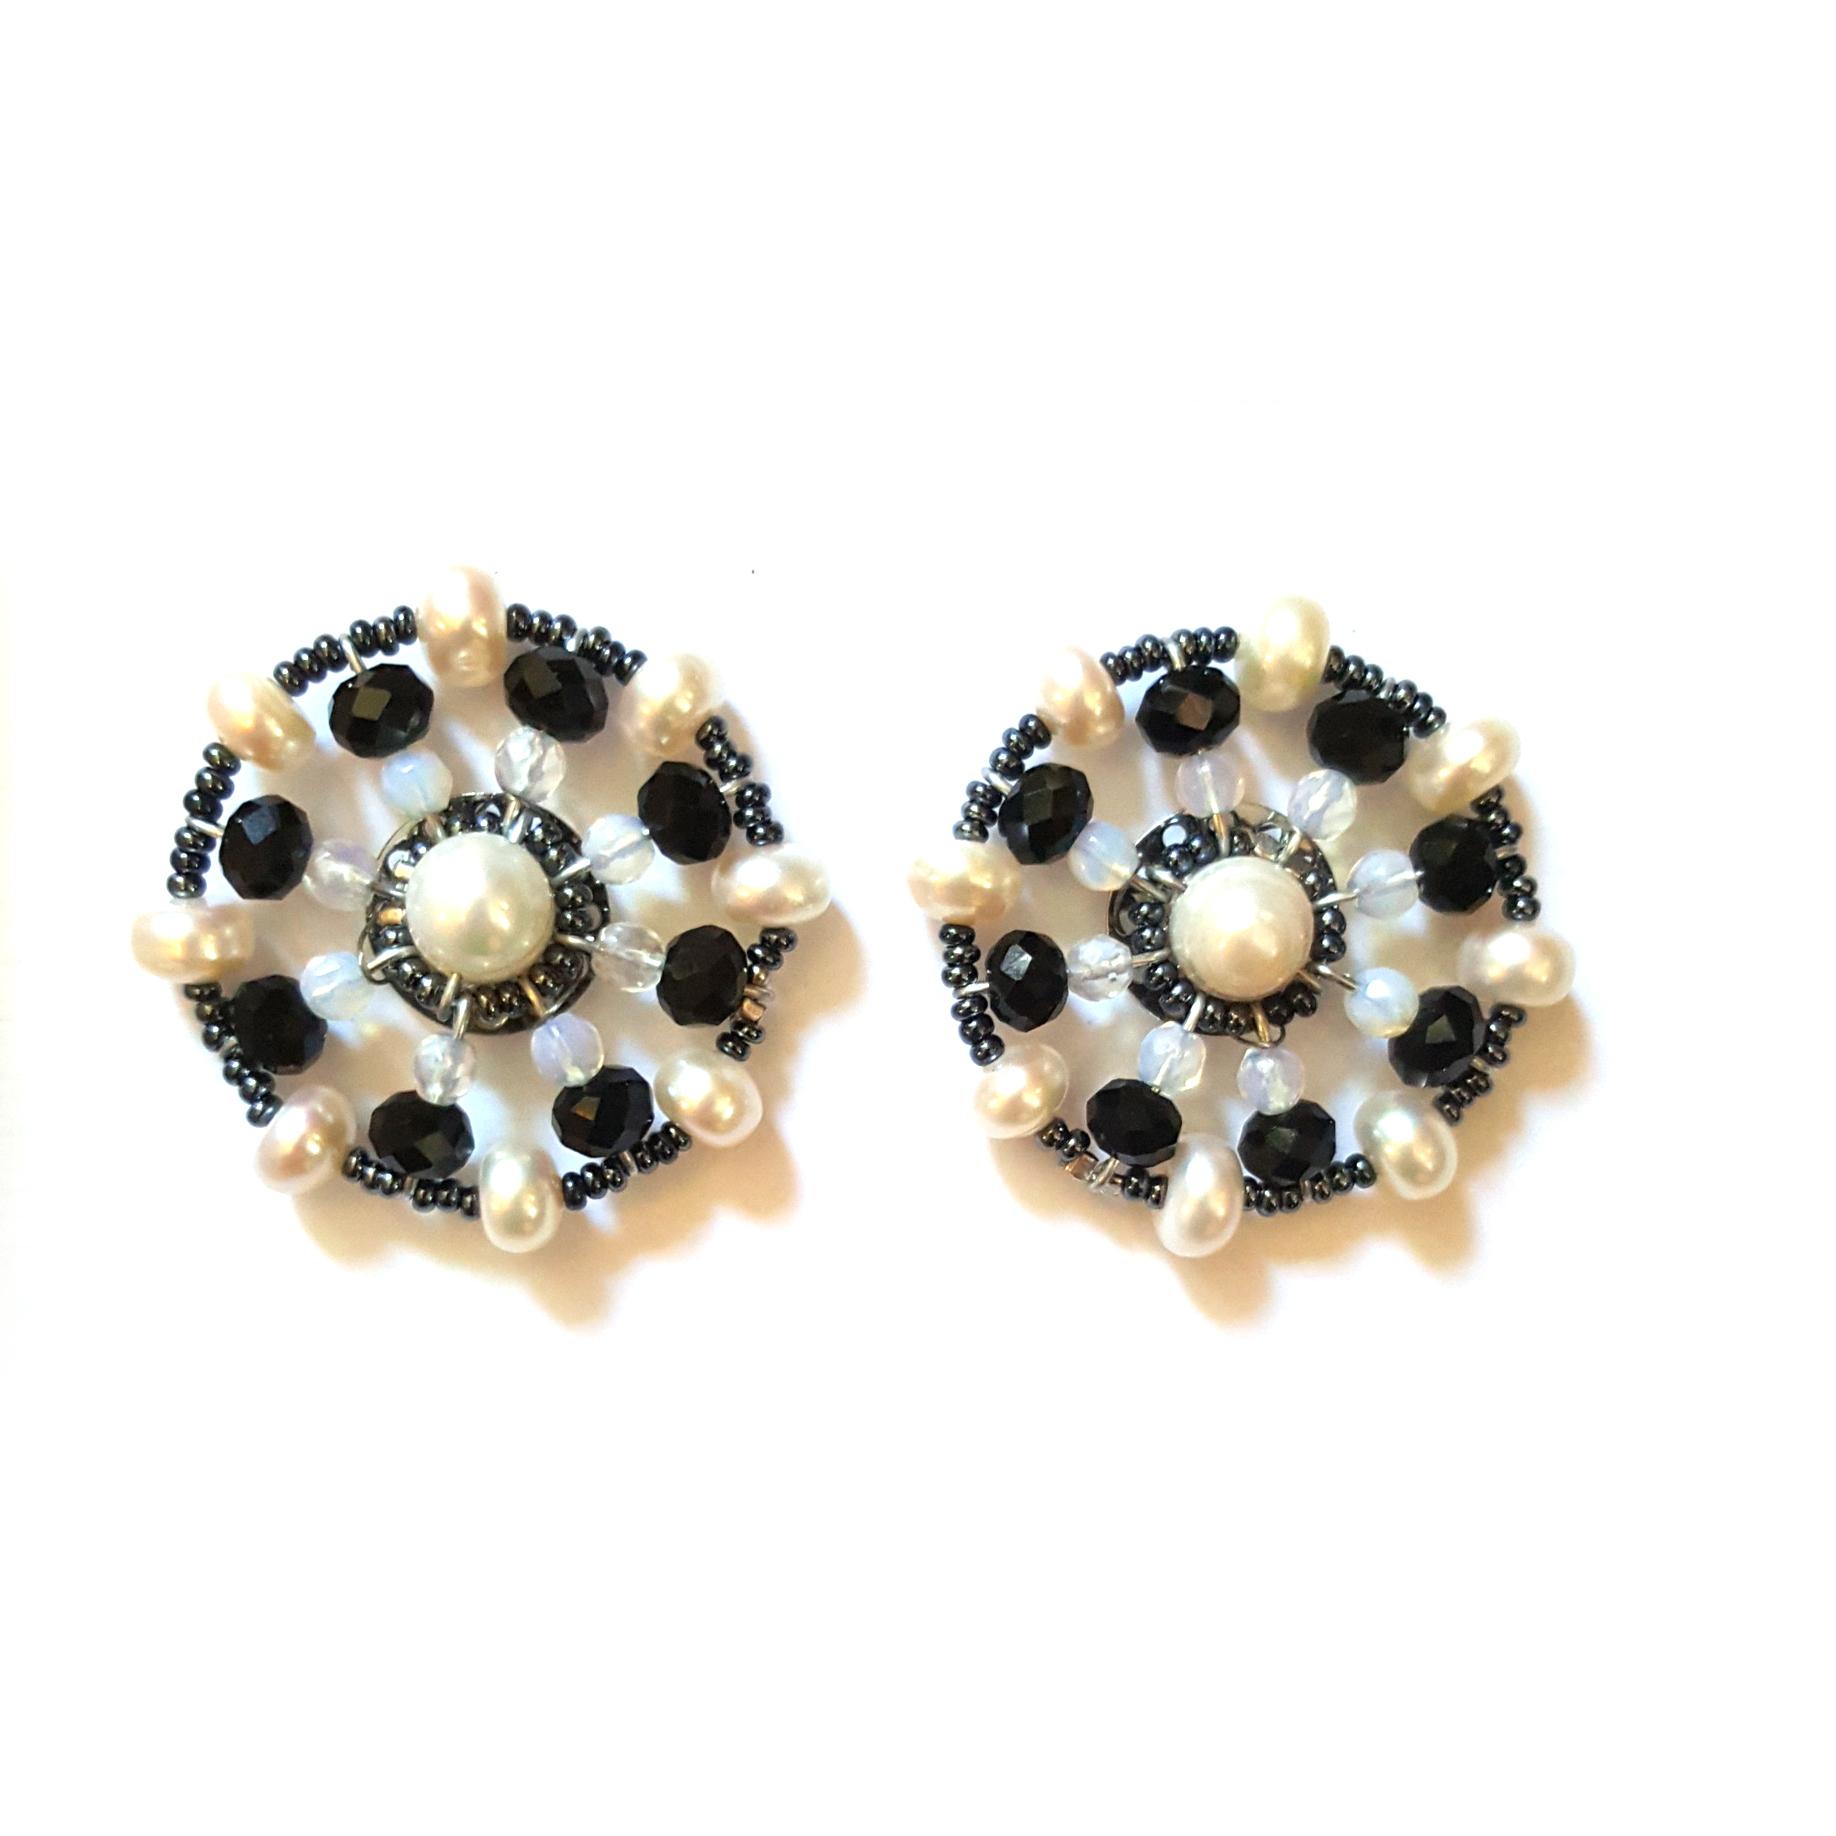 EAR209 - Alpine Flower Moonstone--20181010_142921.jpg